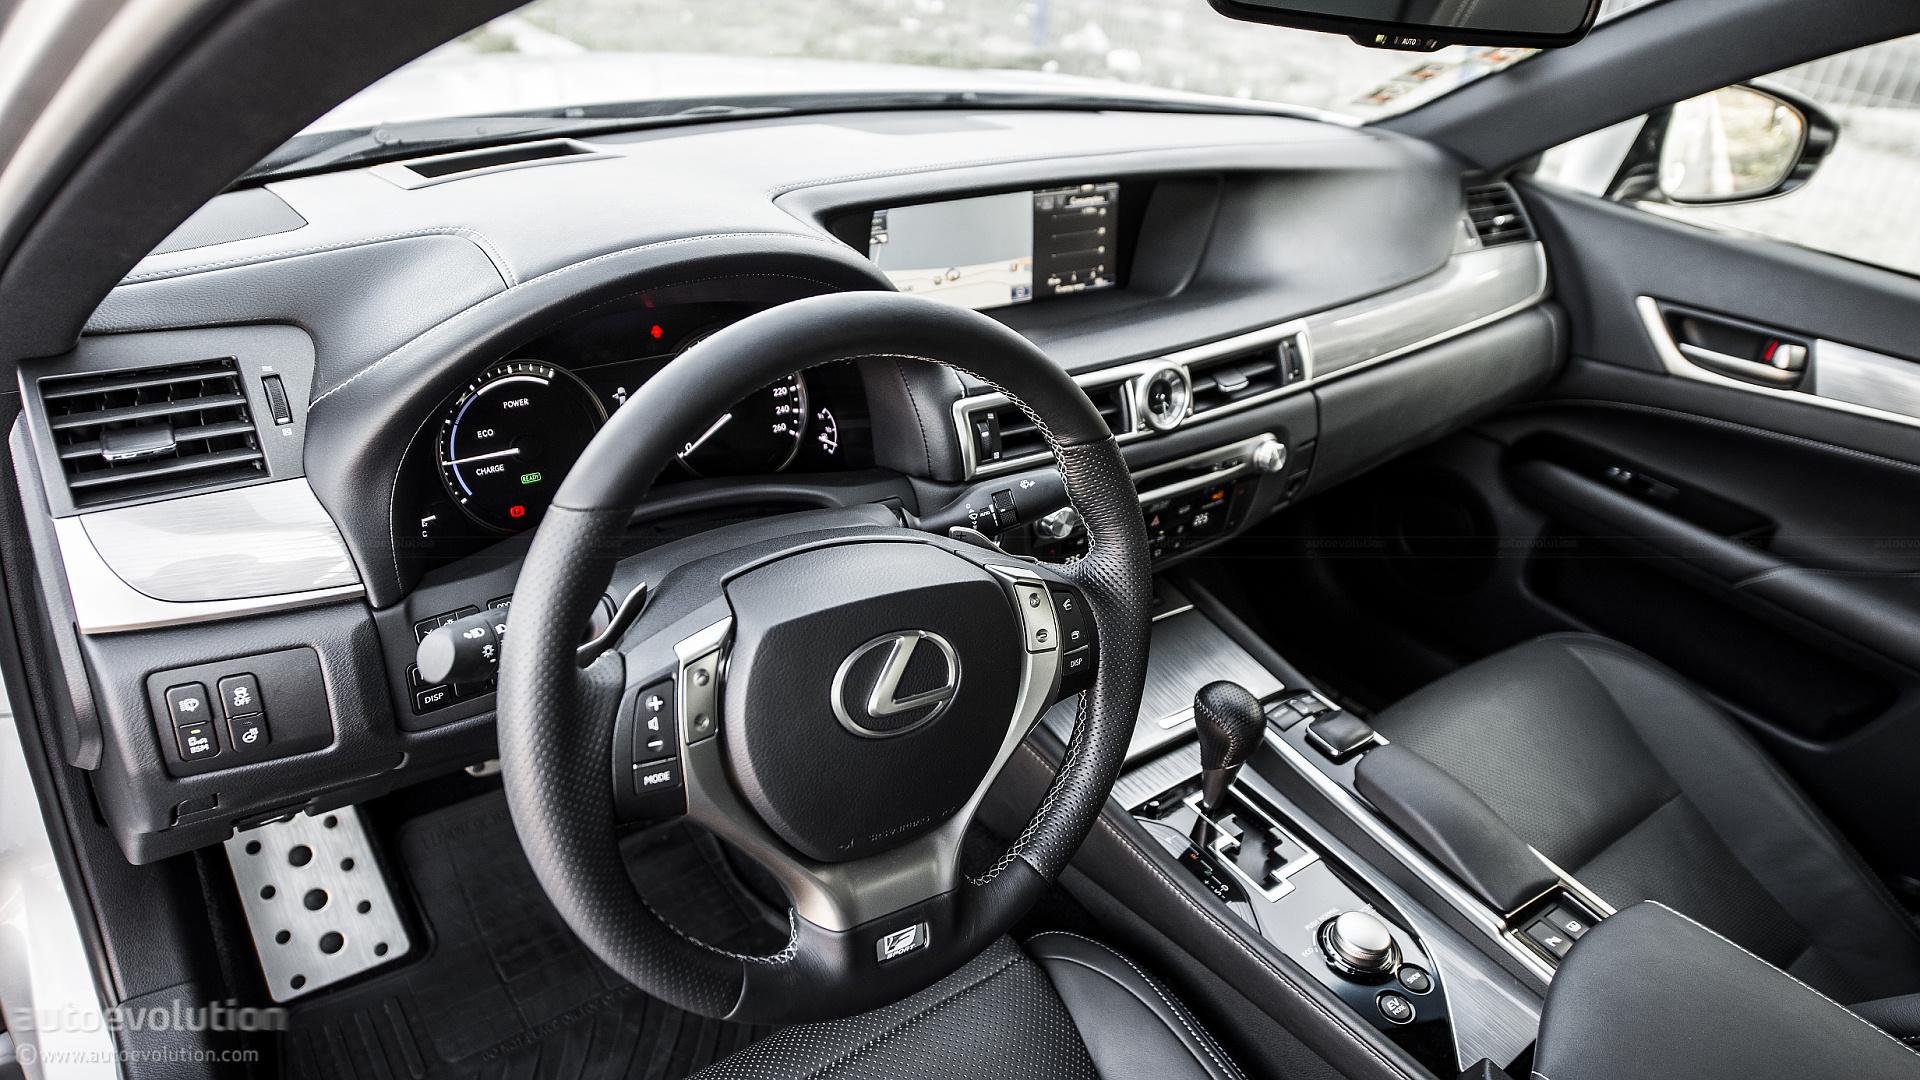 LEXUS GS 450h Review (Page 2) - autoevolution